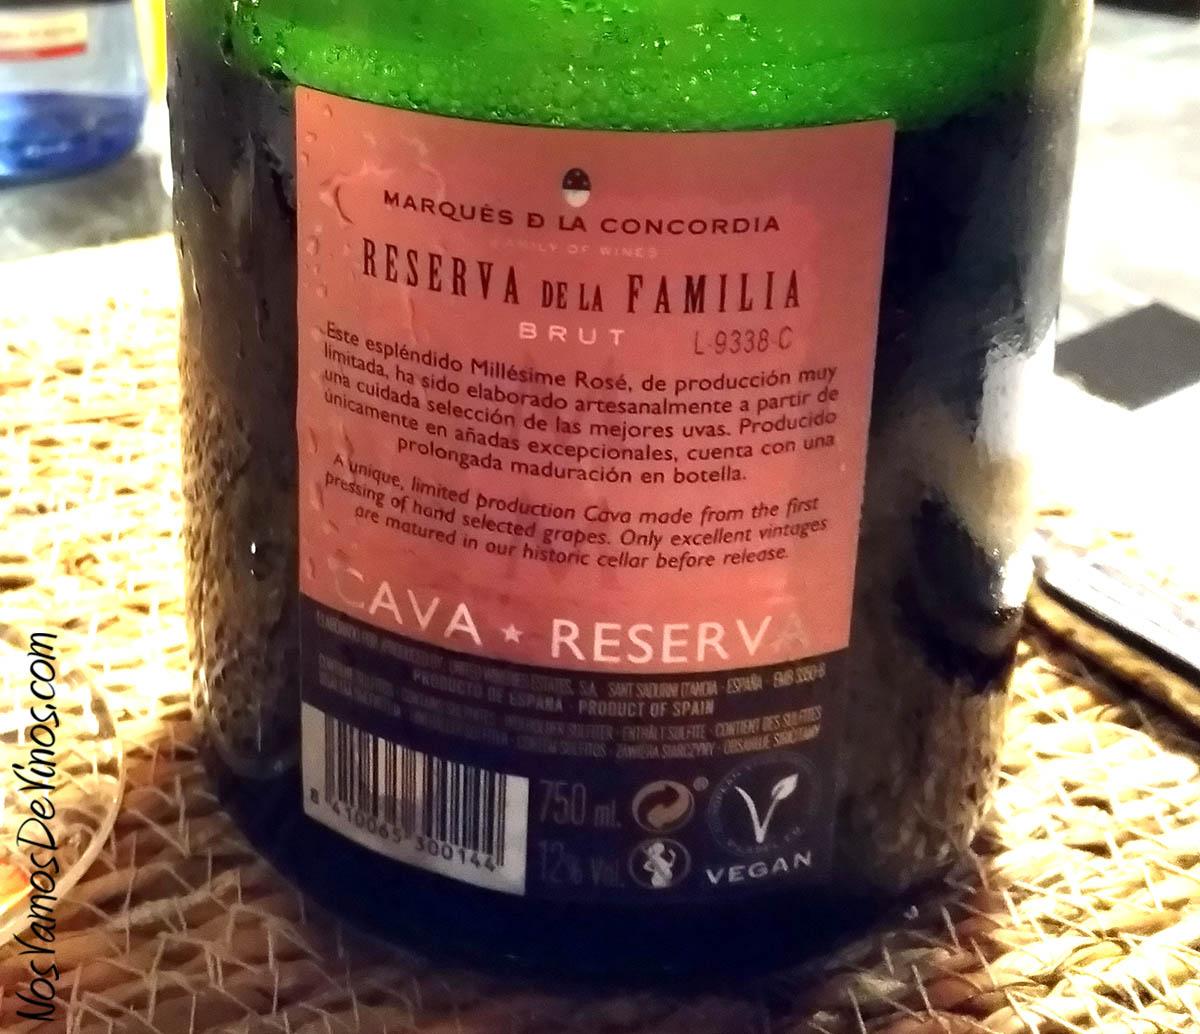 Marqués de la Concordia Reserva de la Familia Brut Rosé 2016 Etiqueta Trasera